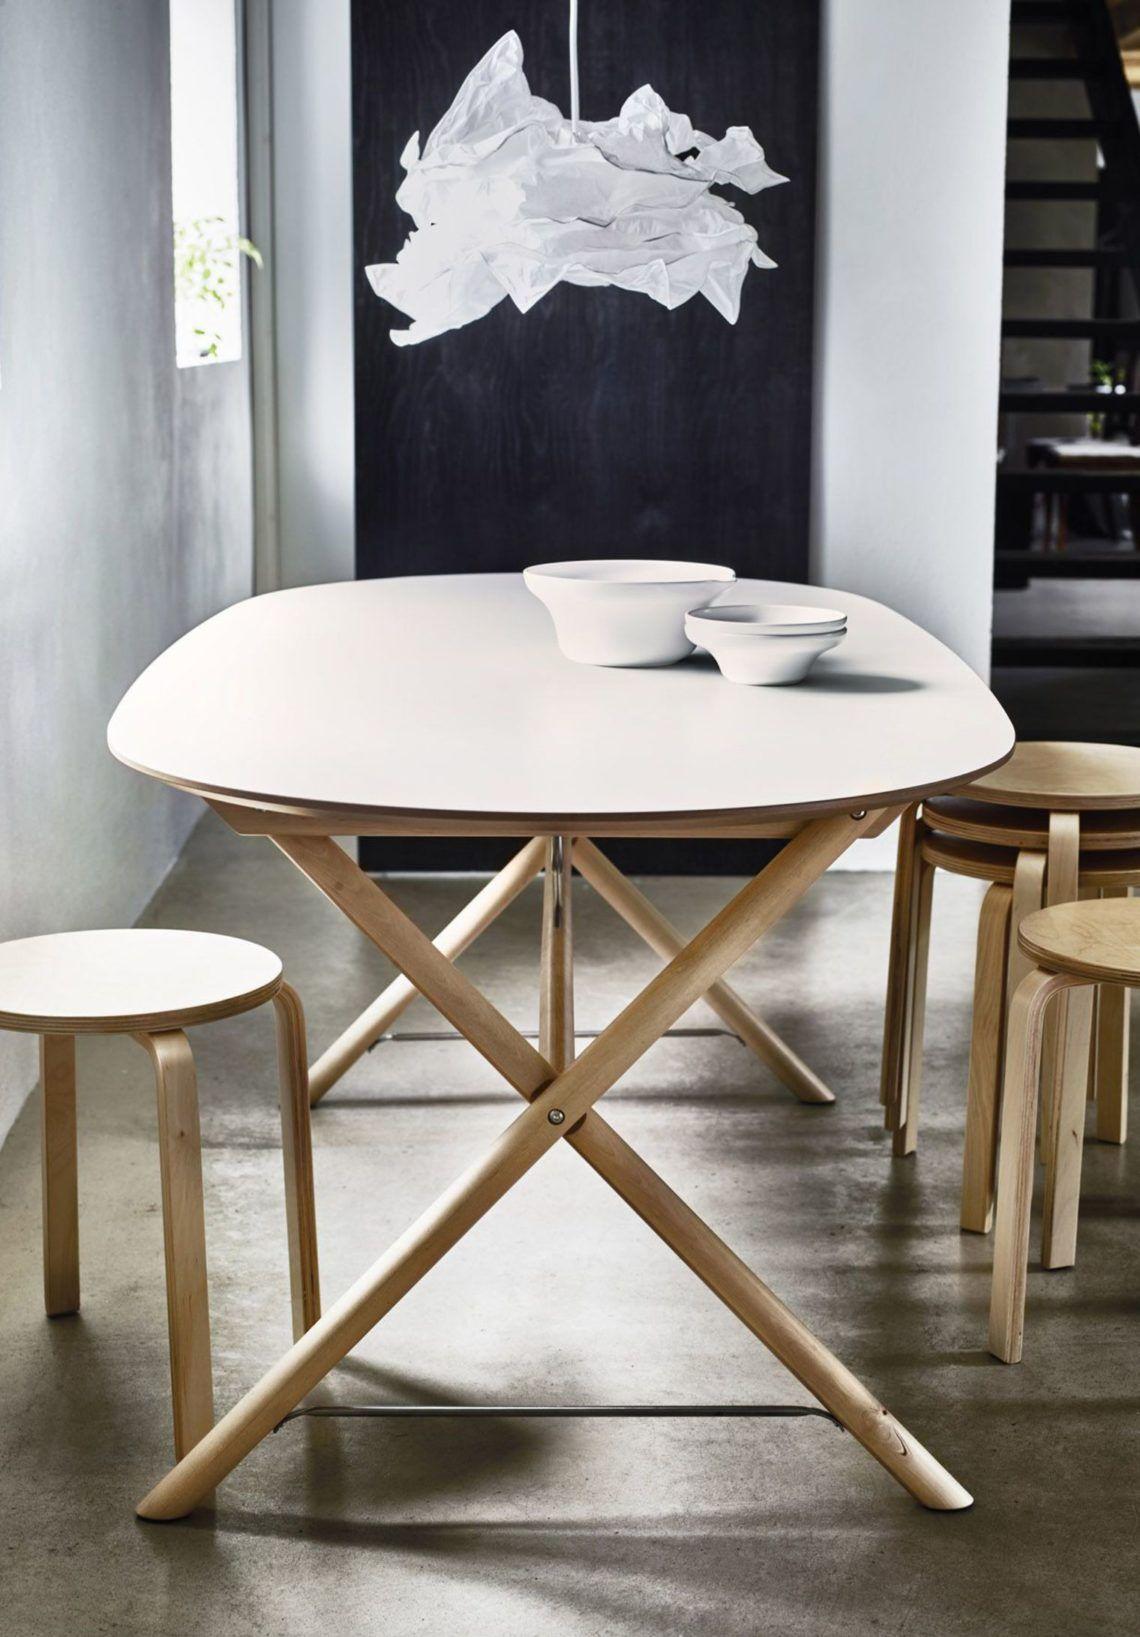 Décoration De Maison Ikea Table Salle à Manger: A Manger